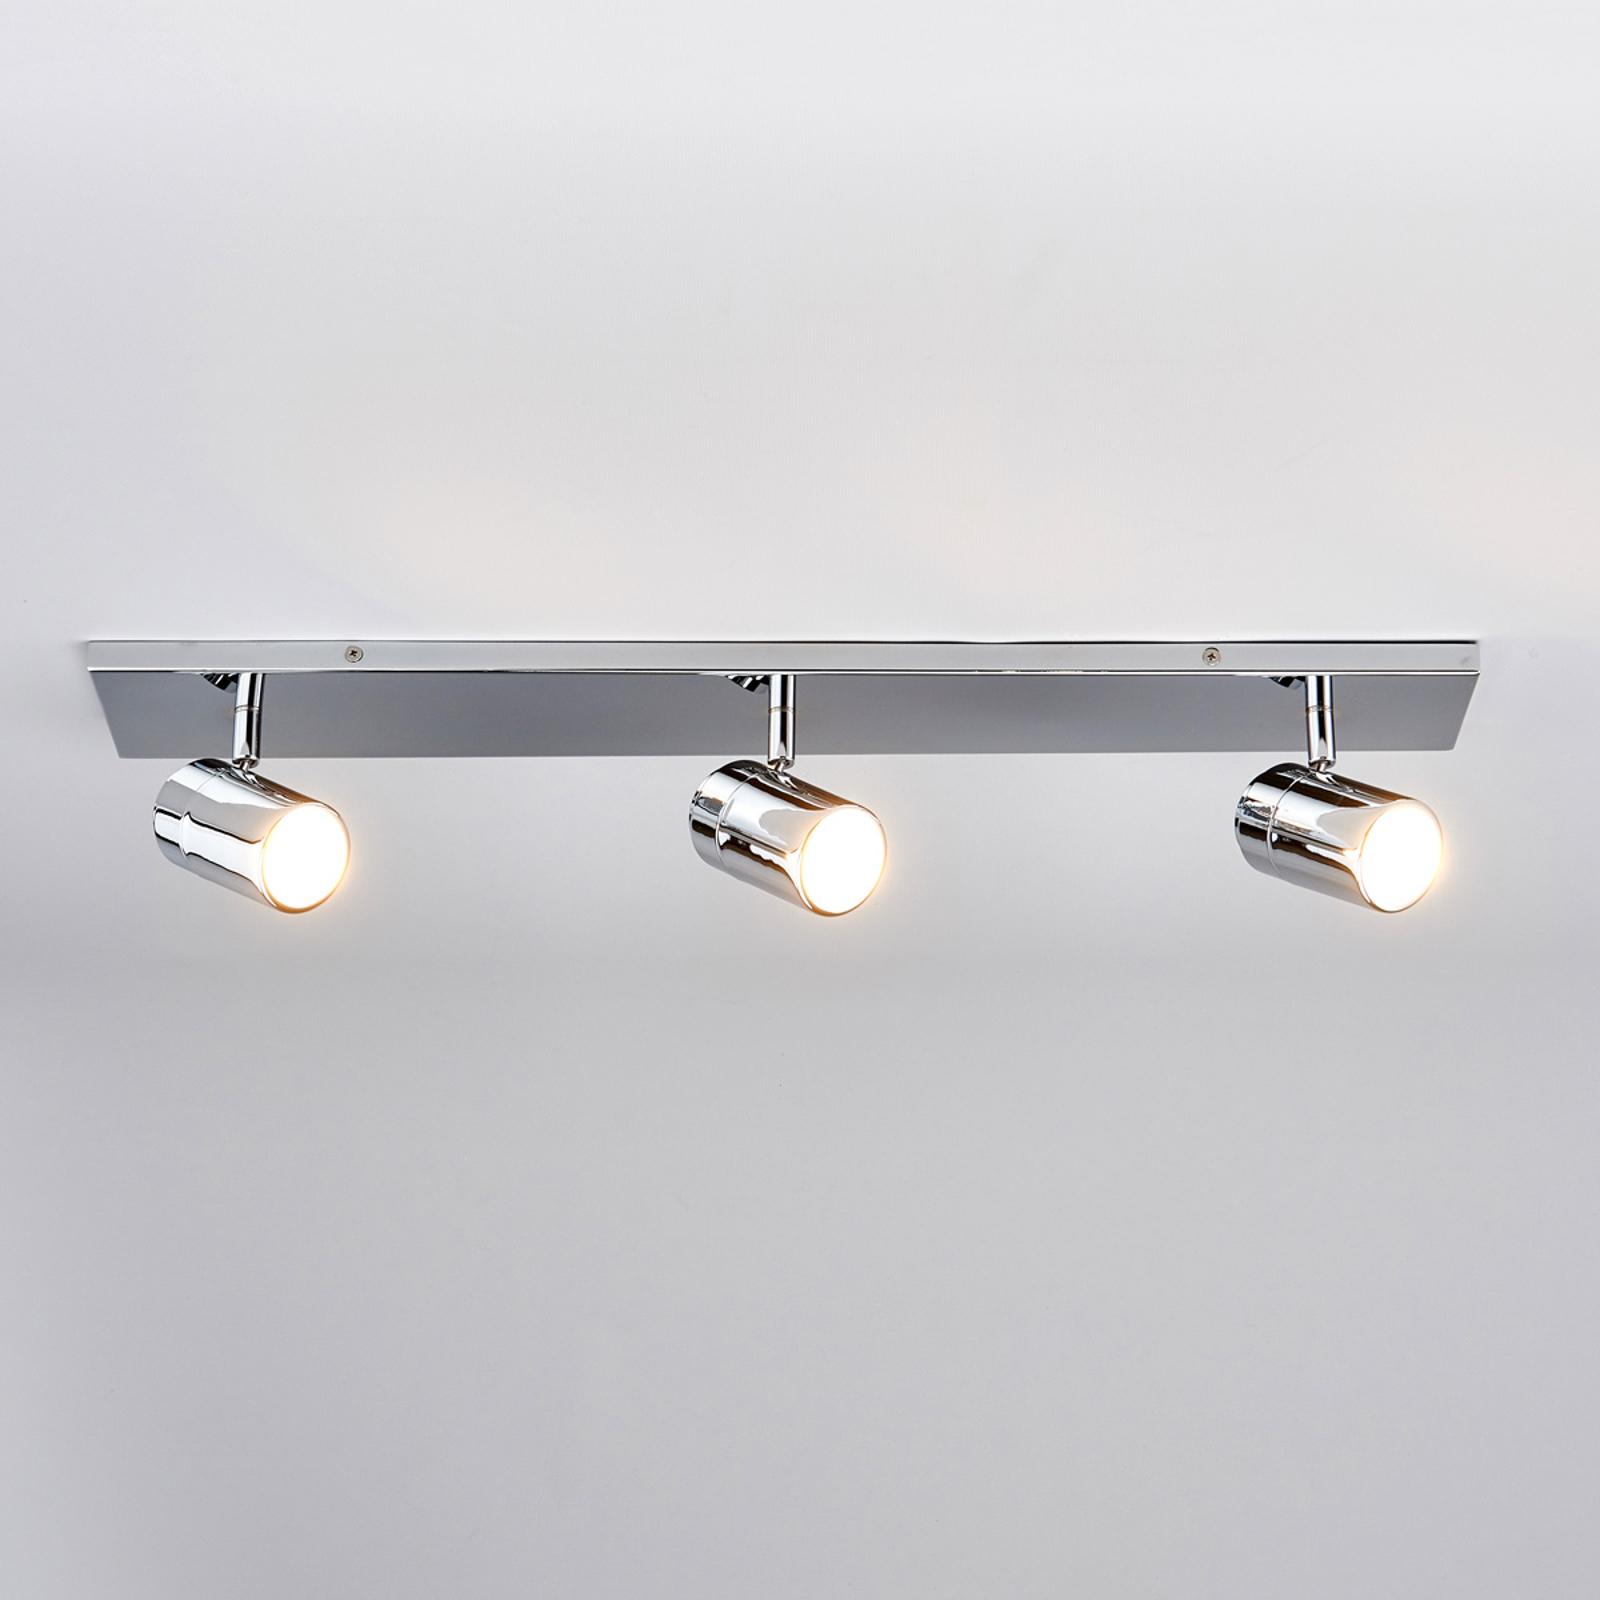 Trzypunktowa łazienkowa lampa sufitowa Dejan